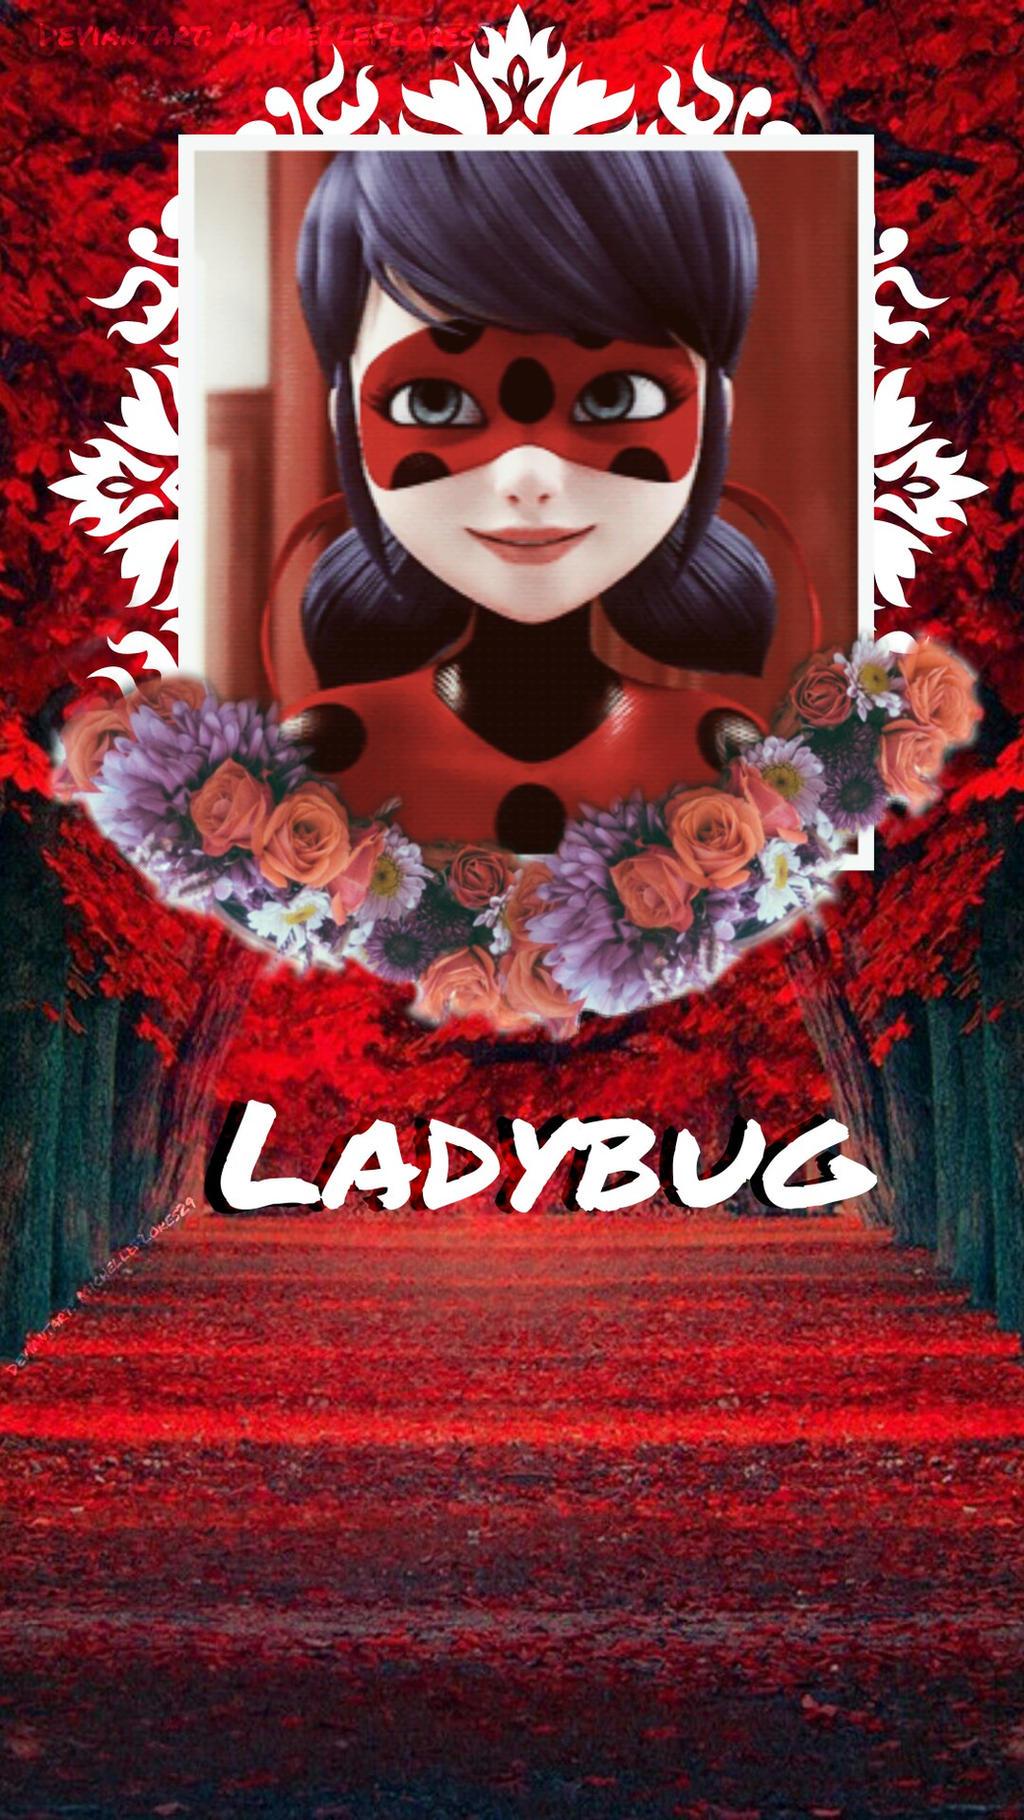 Miraculous Ladybug wallpaper (Ladybug) by MichelleFlores29 ...